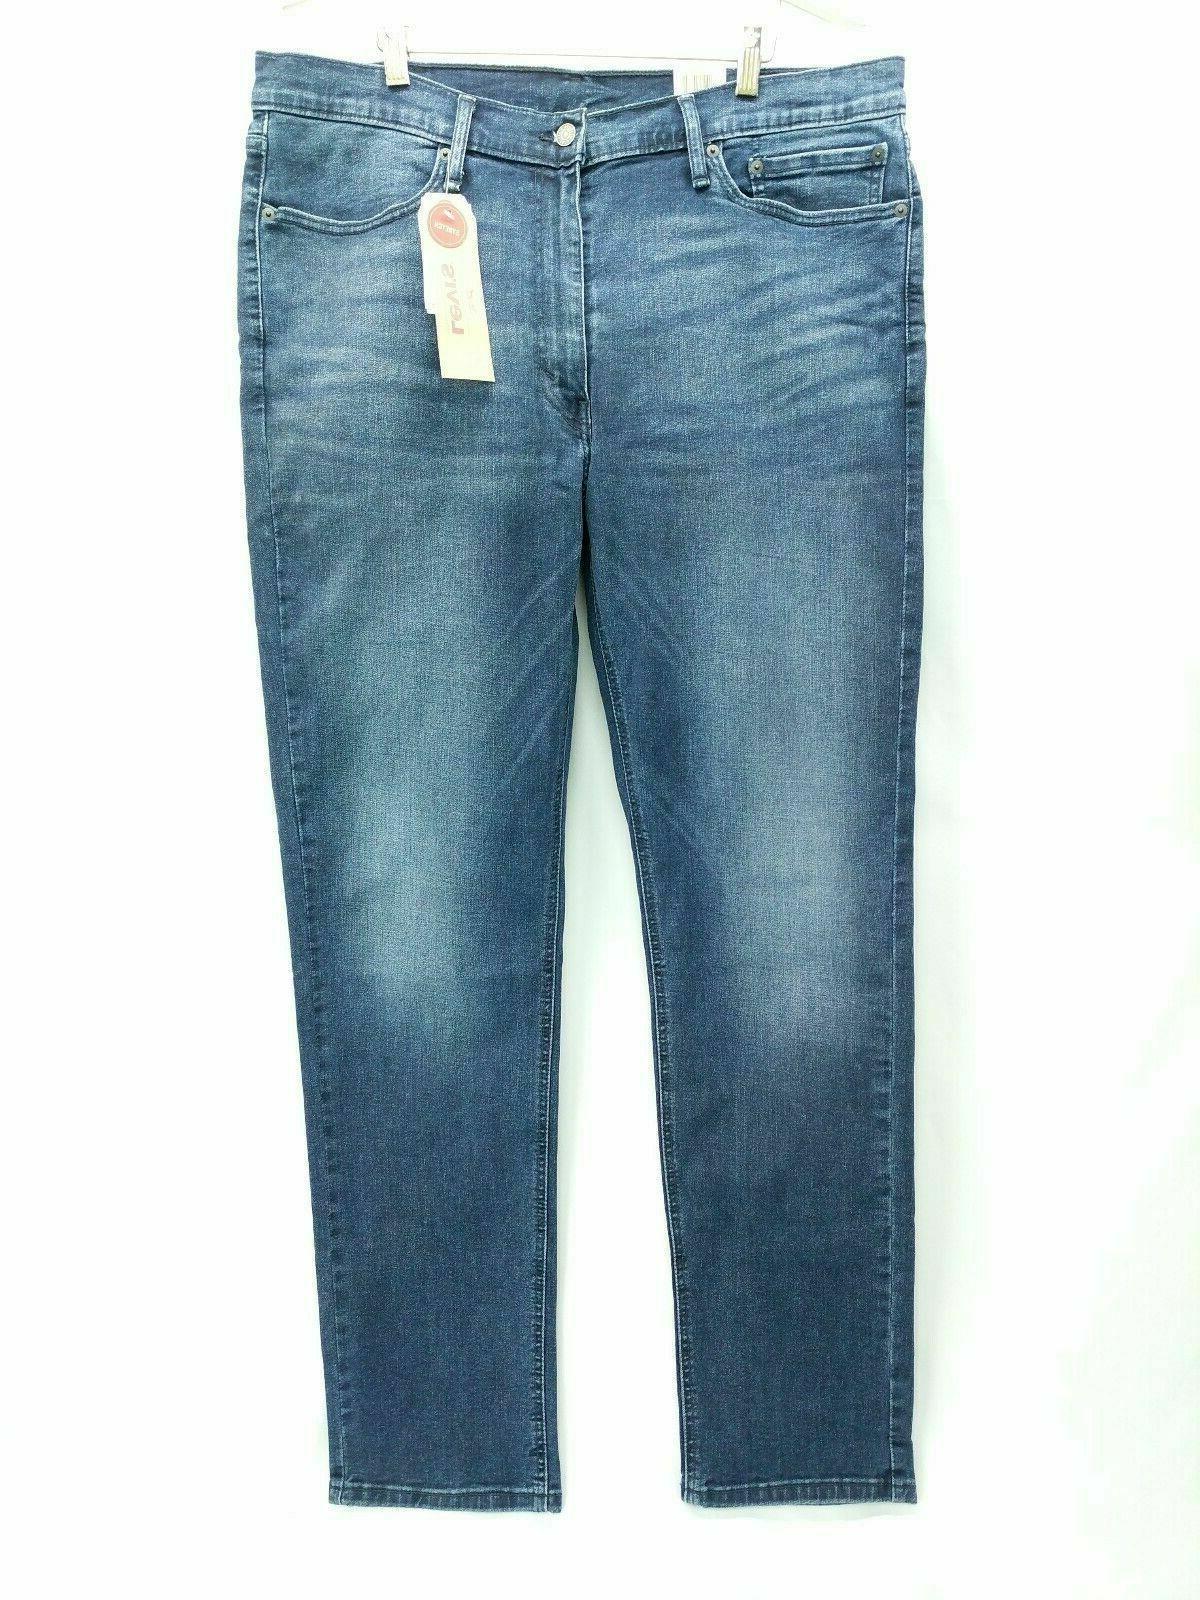 Levi's Jeans Men's Blue Denim Fit Big